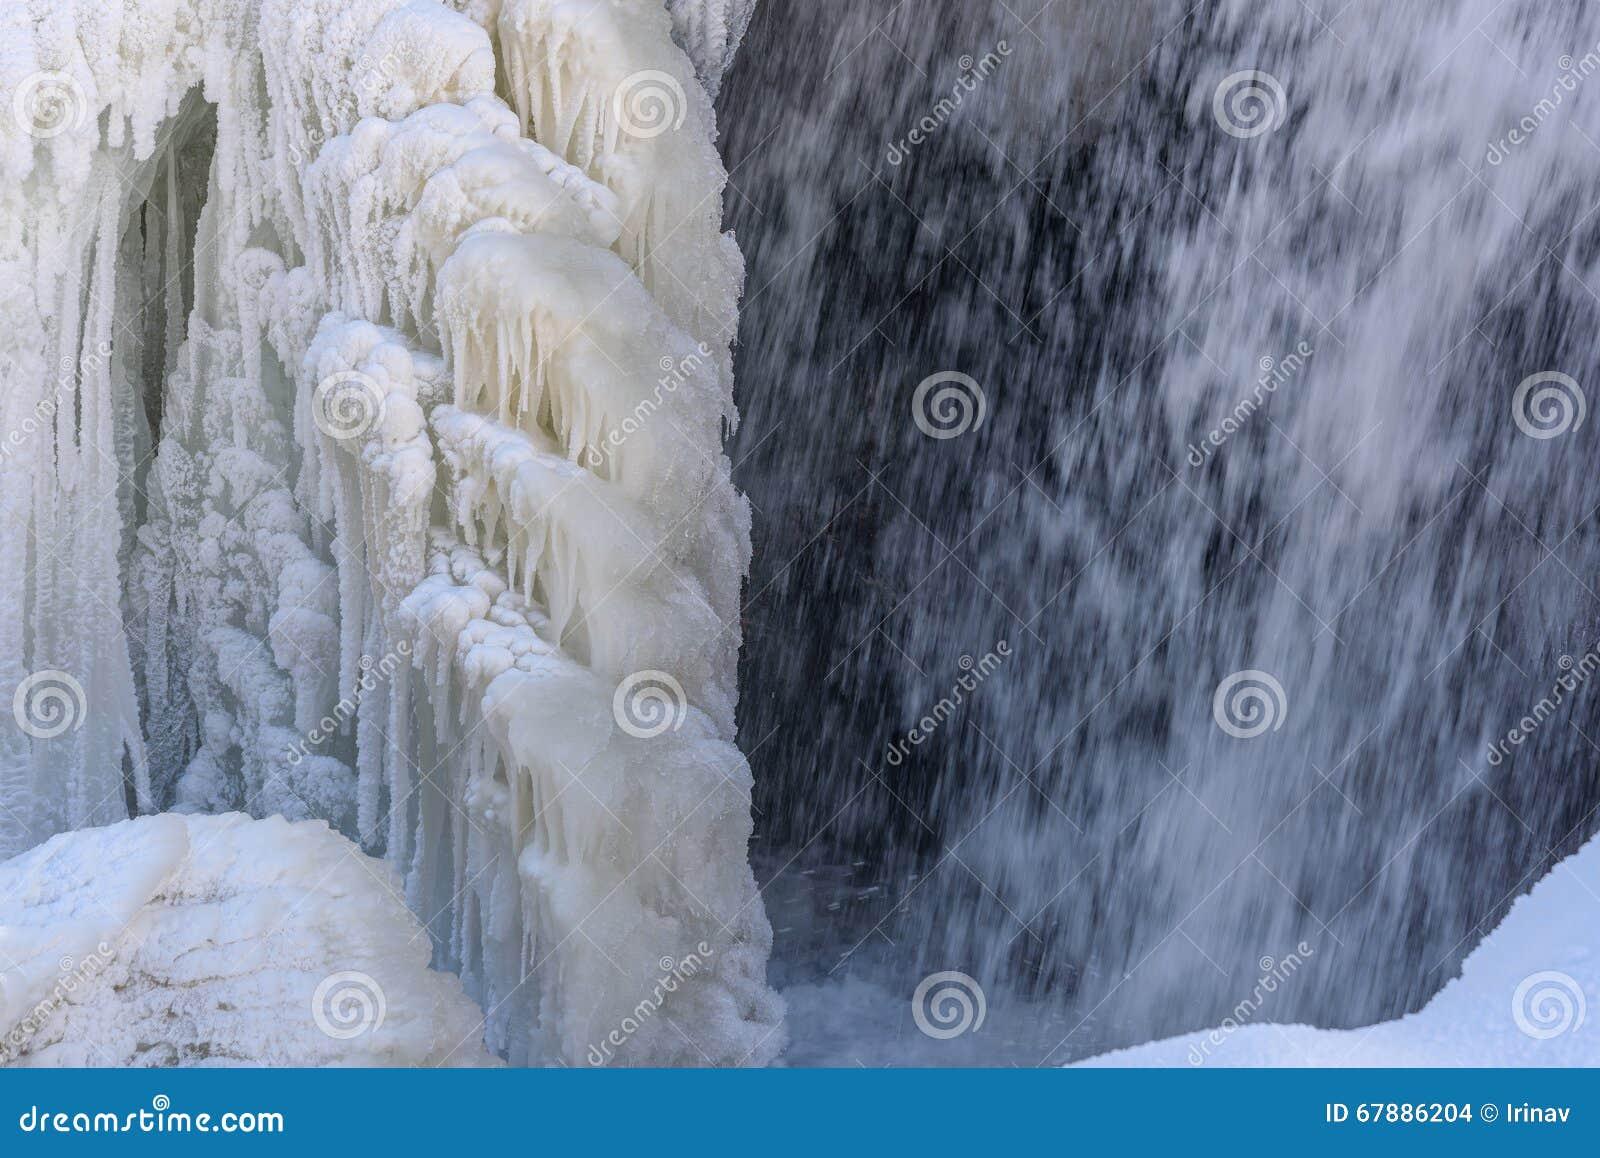 瀑布冬天冰柱雪水